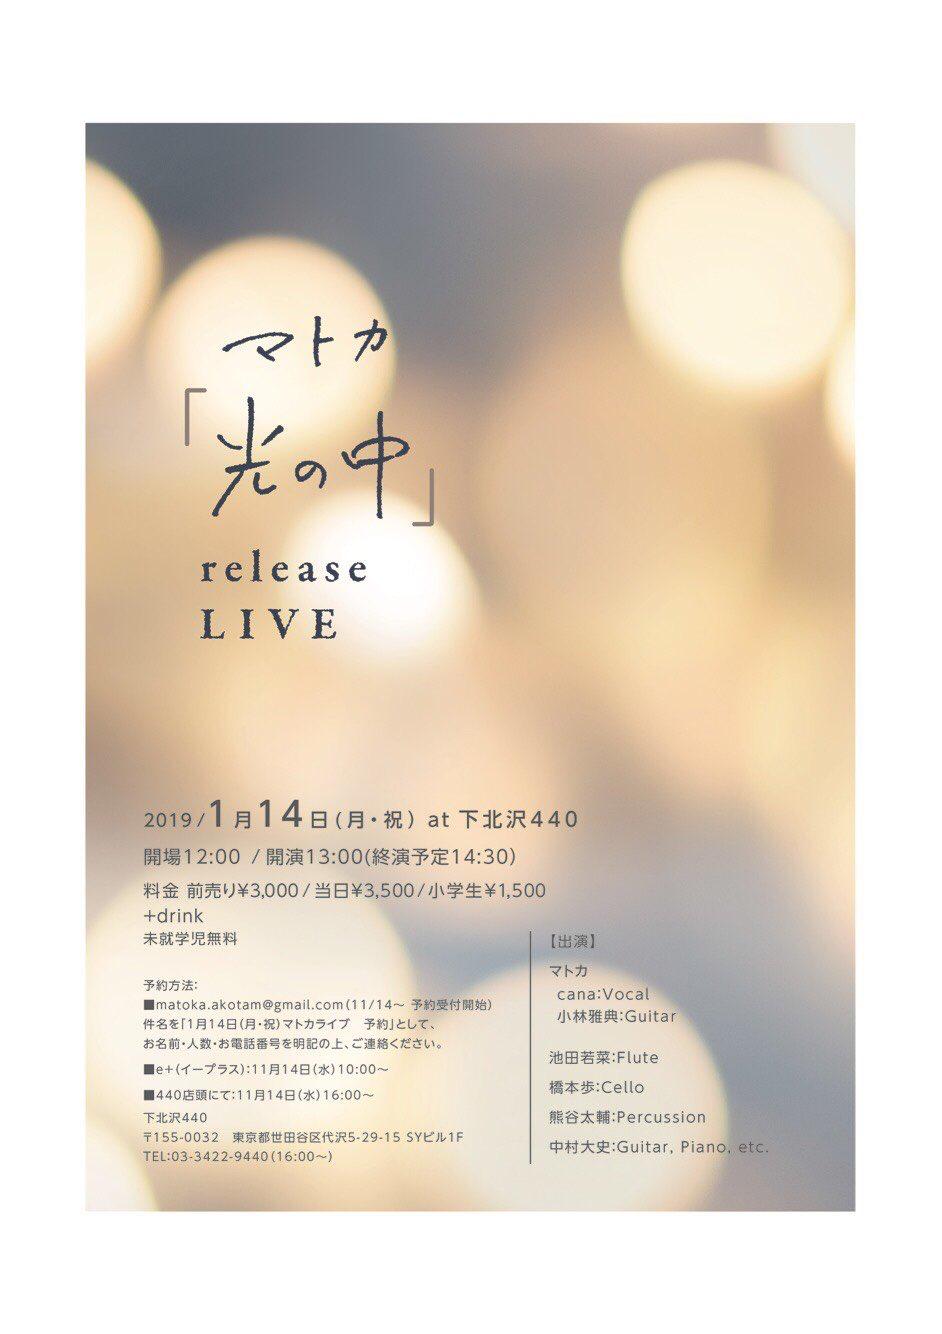 《マトカ「光の中」release LIVE》